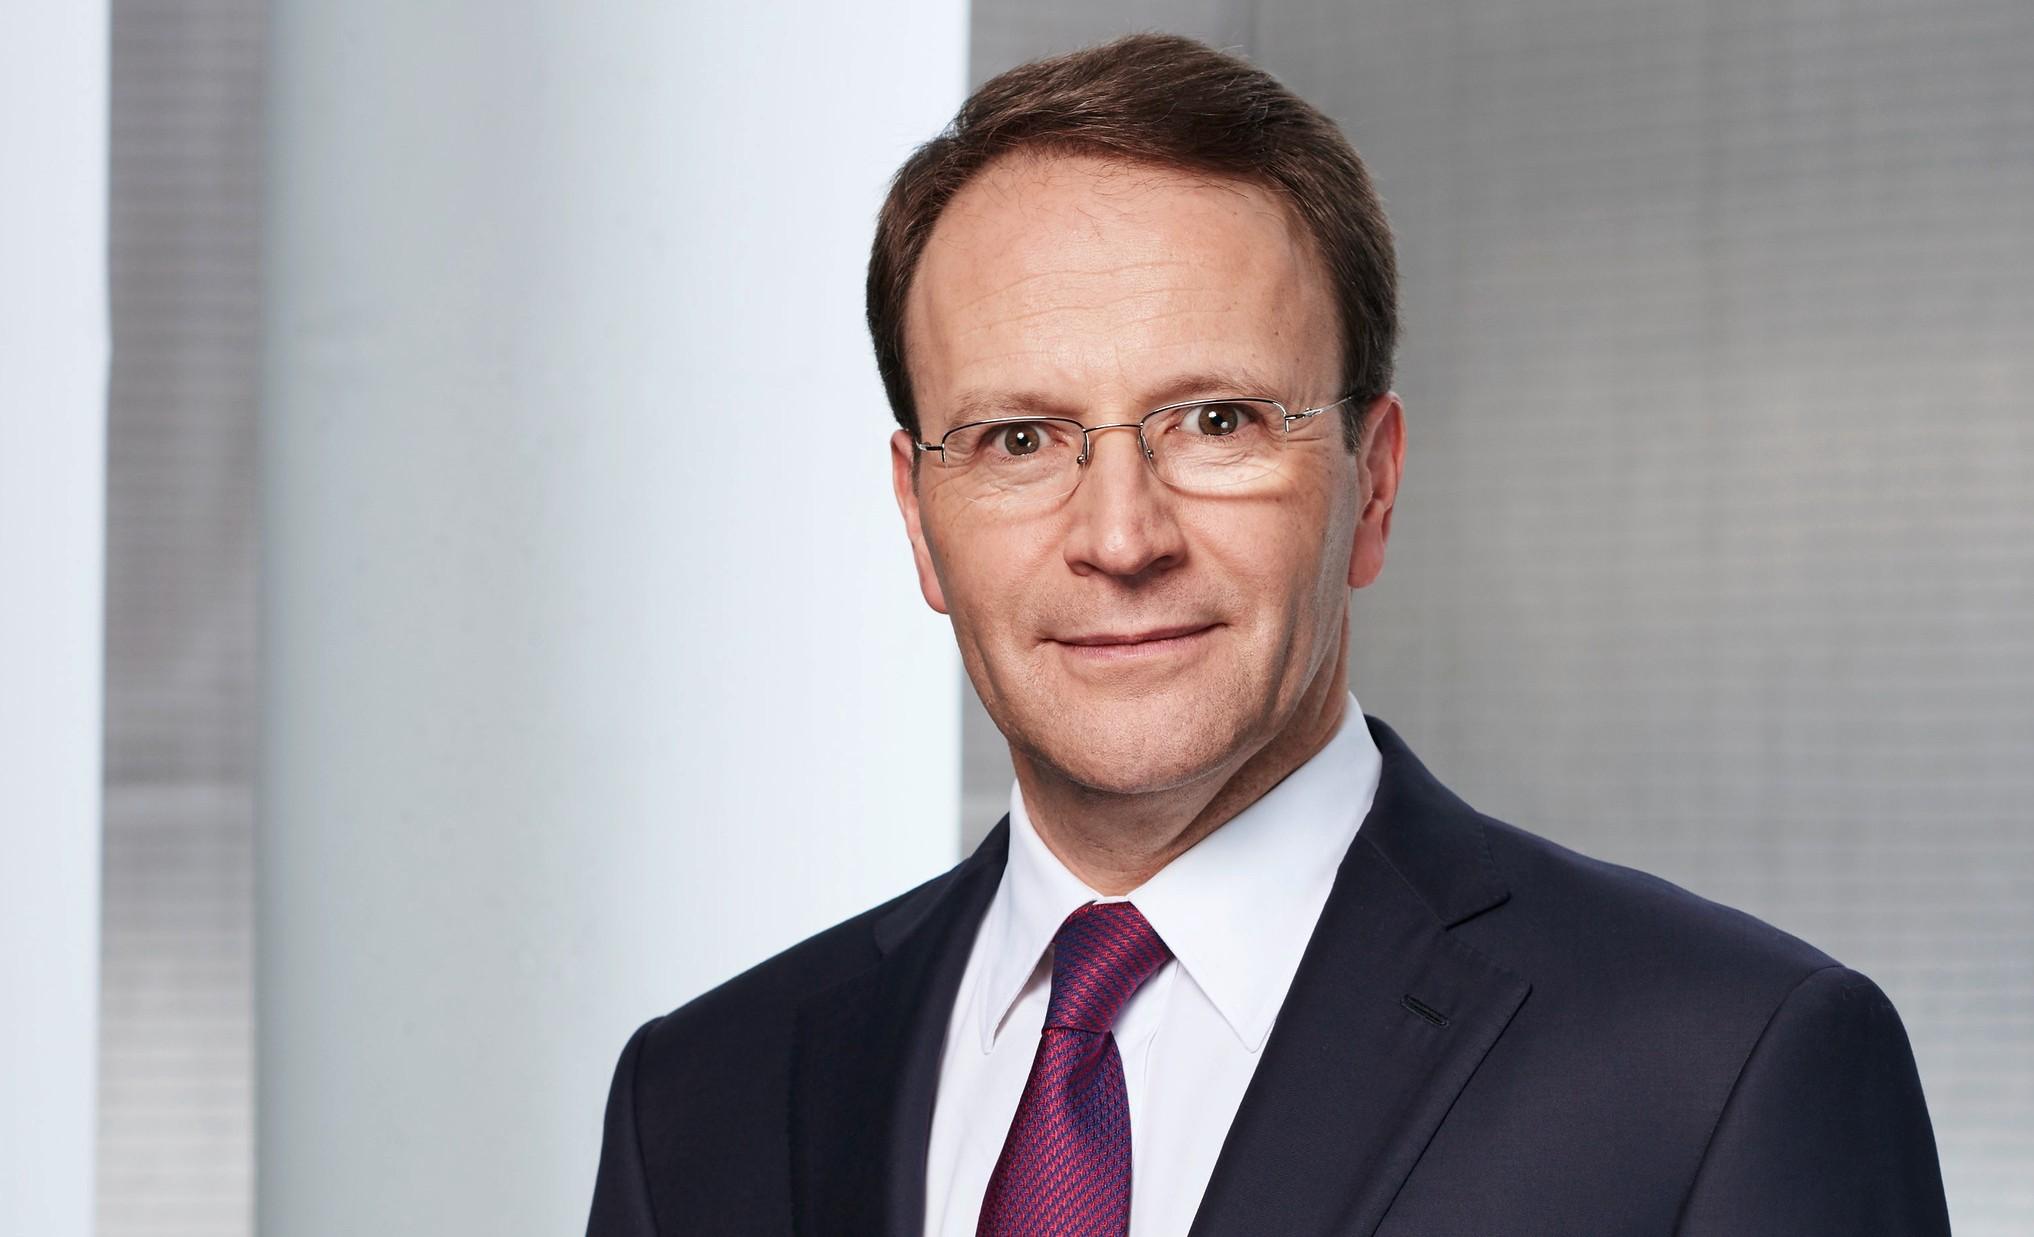 Ulf Mark Schneider, Nestle